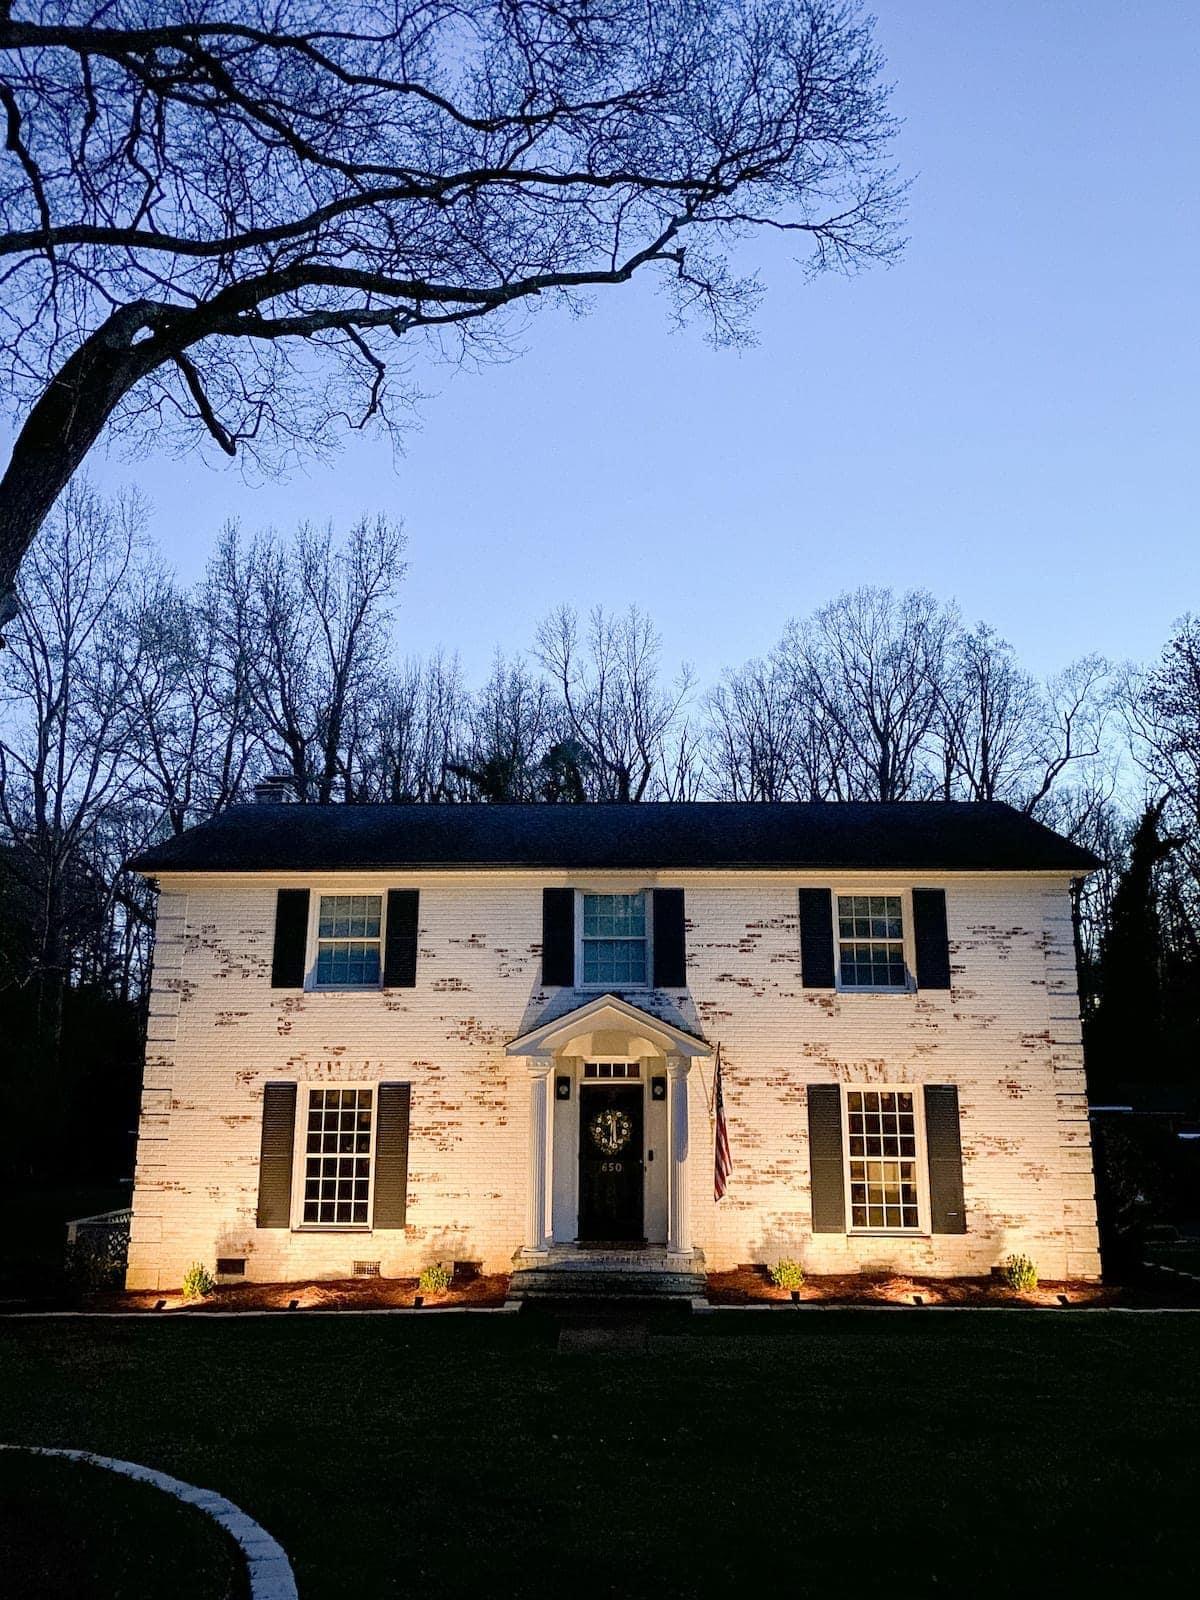 solar landscaping spotlights uplighting